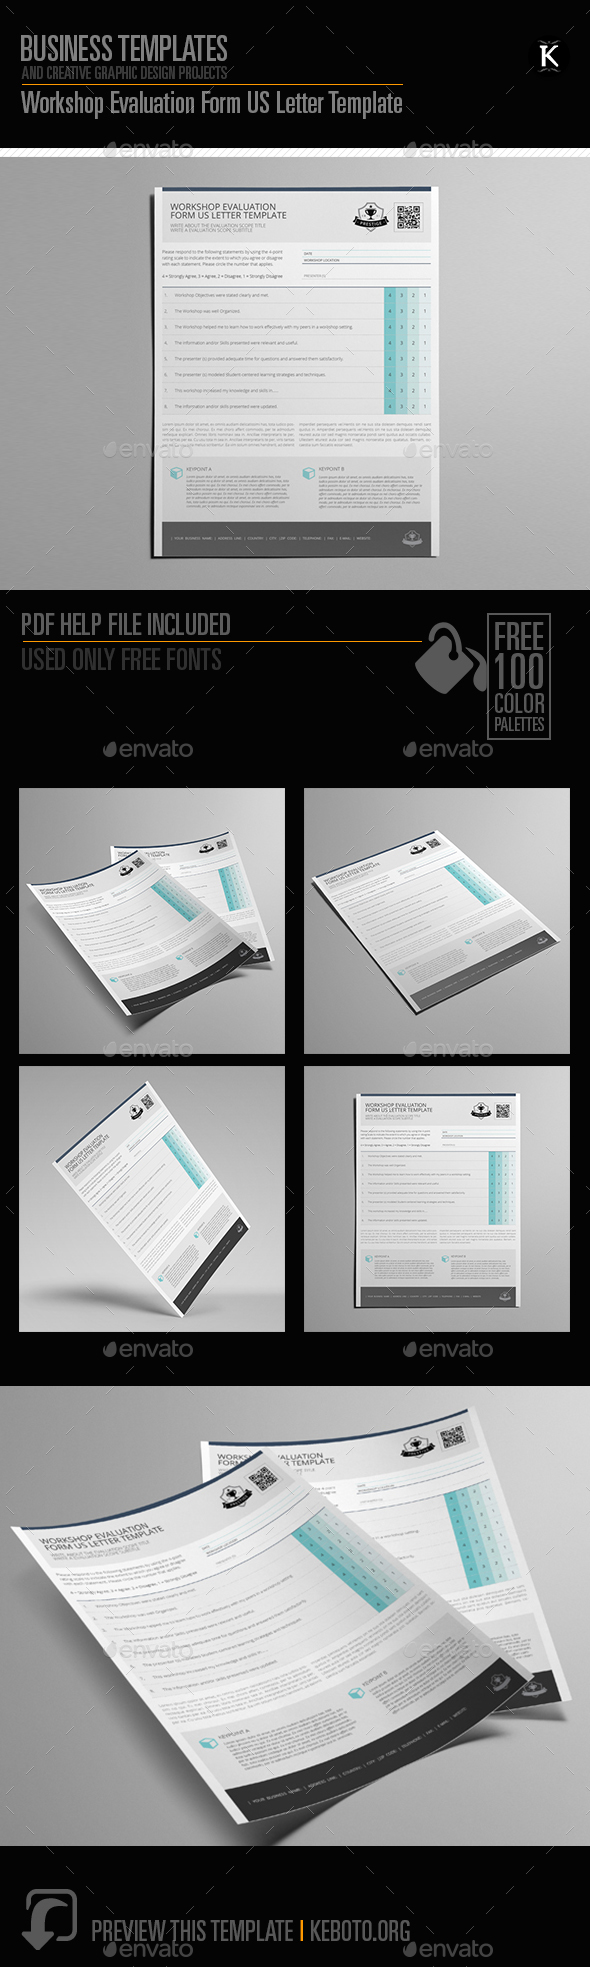 GraphicRiver Workshop Evaluation Form US Letter Template 20662108